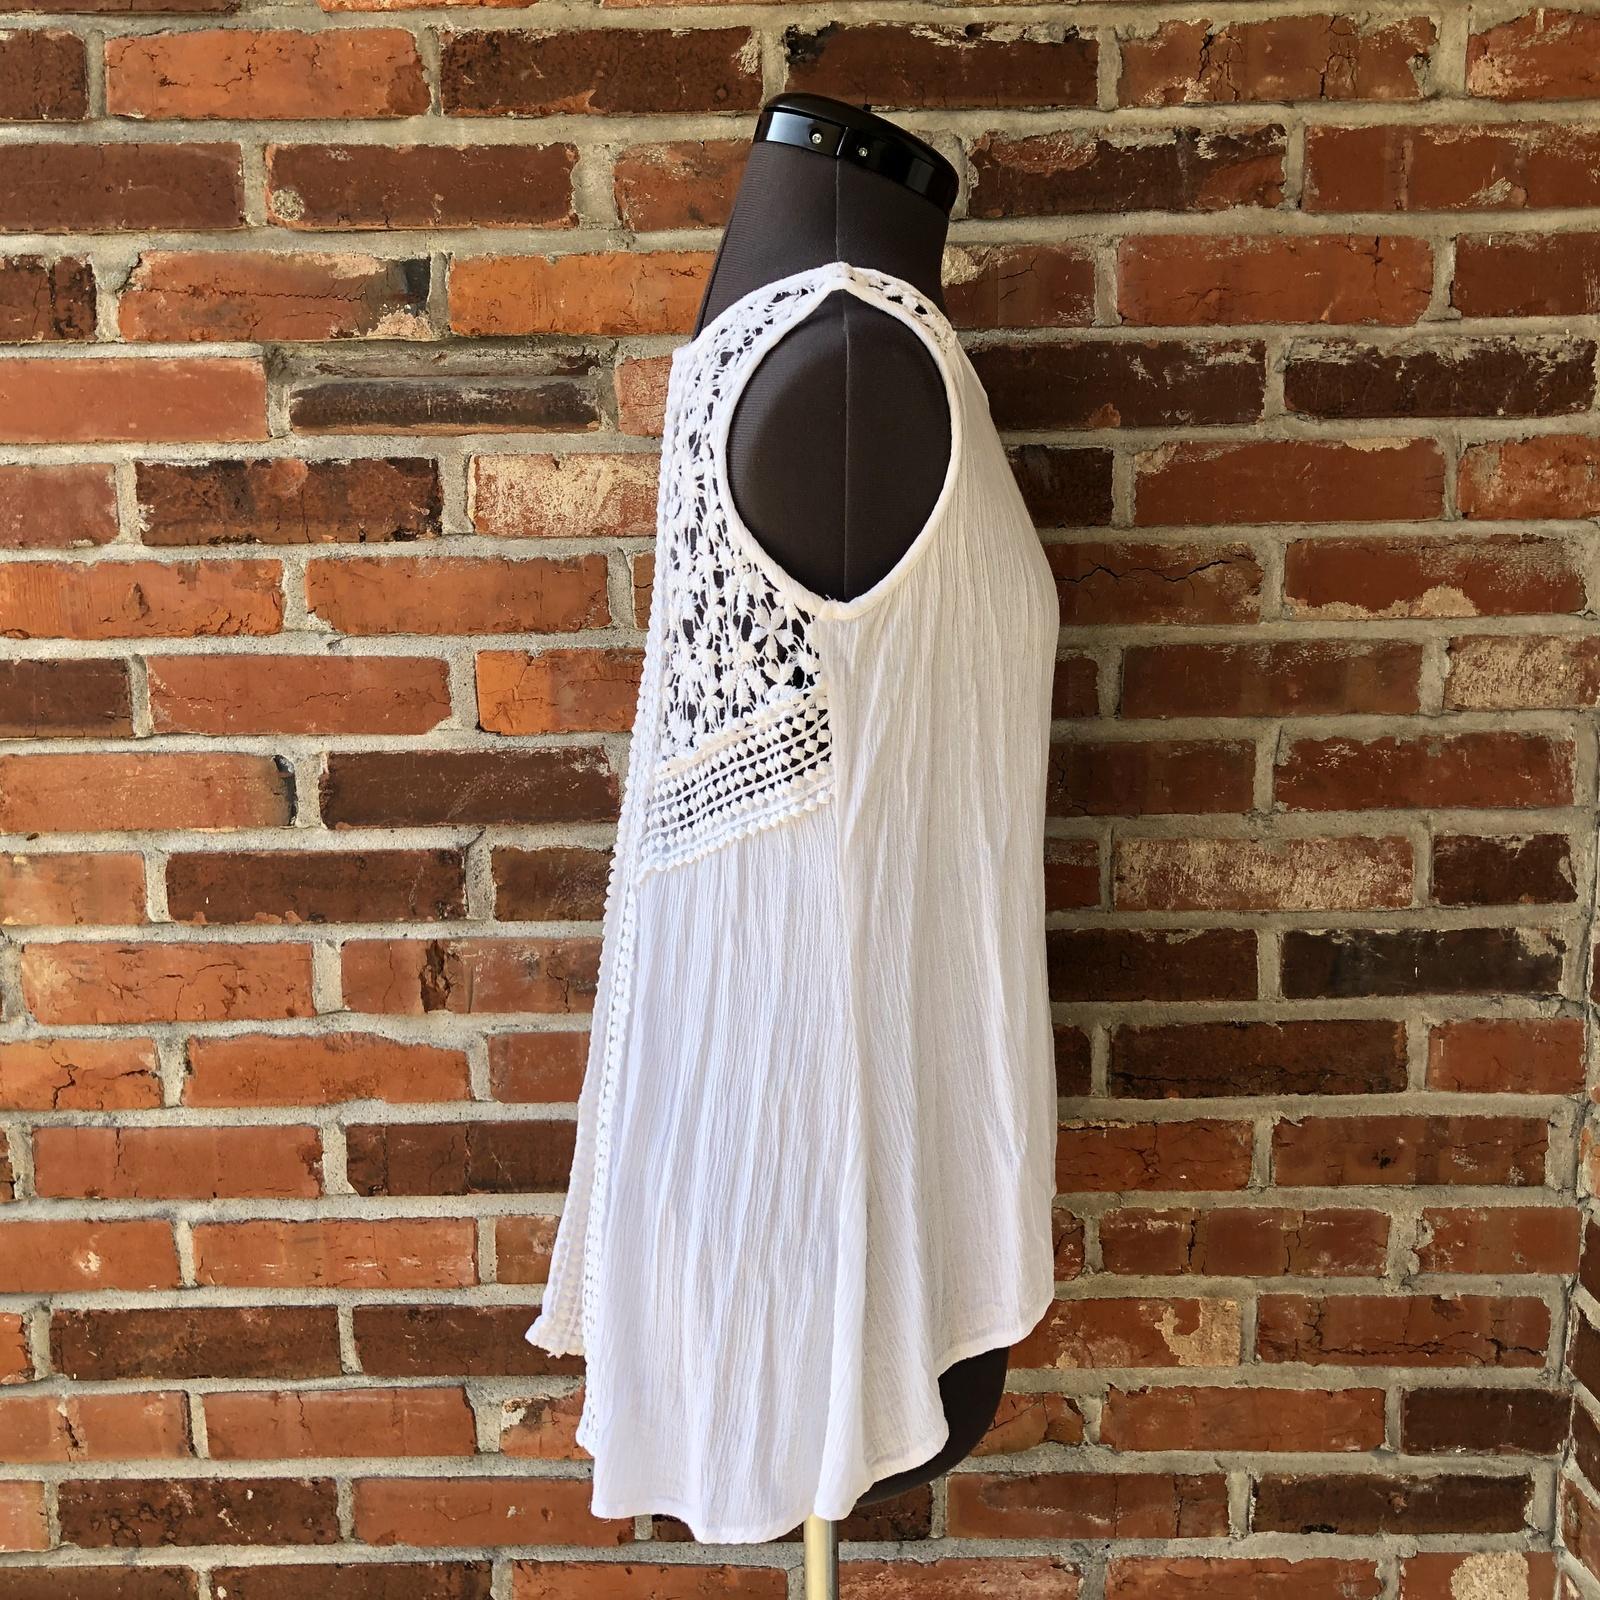 Japna White Sleeveless Crochet Top Tunic Boho Festival Sz. S